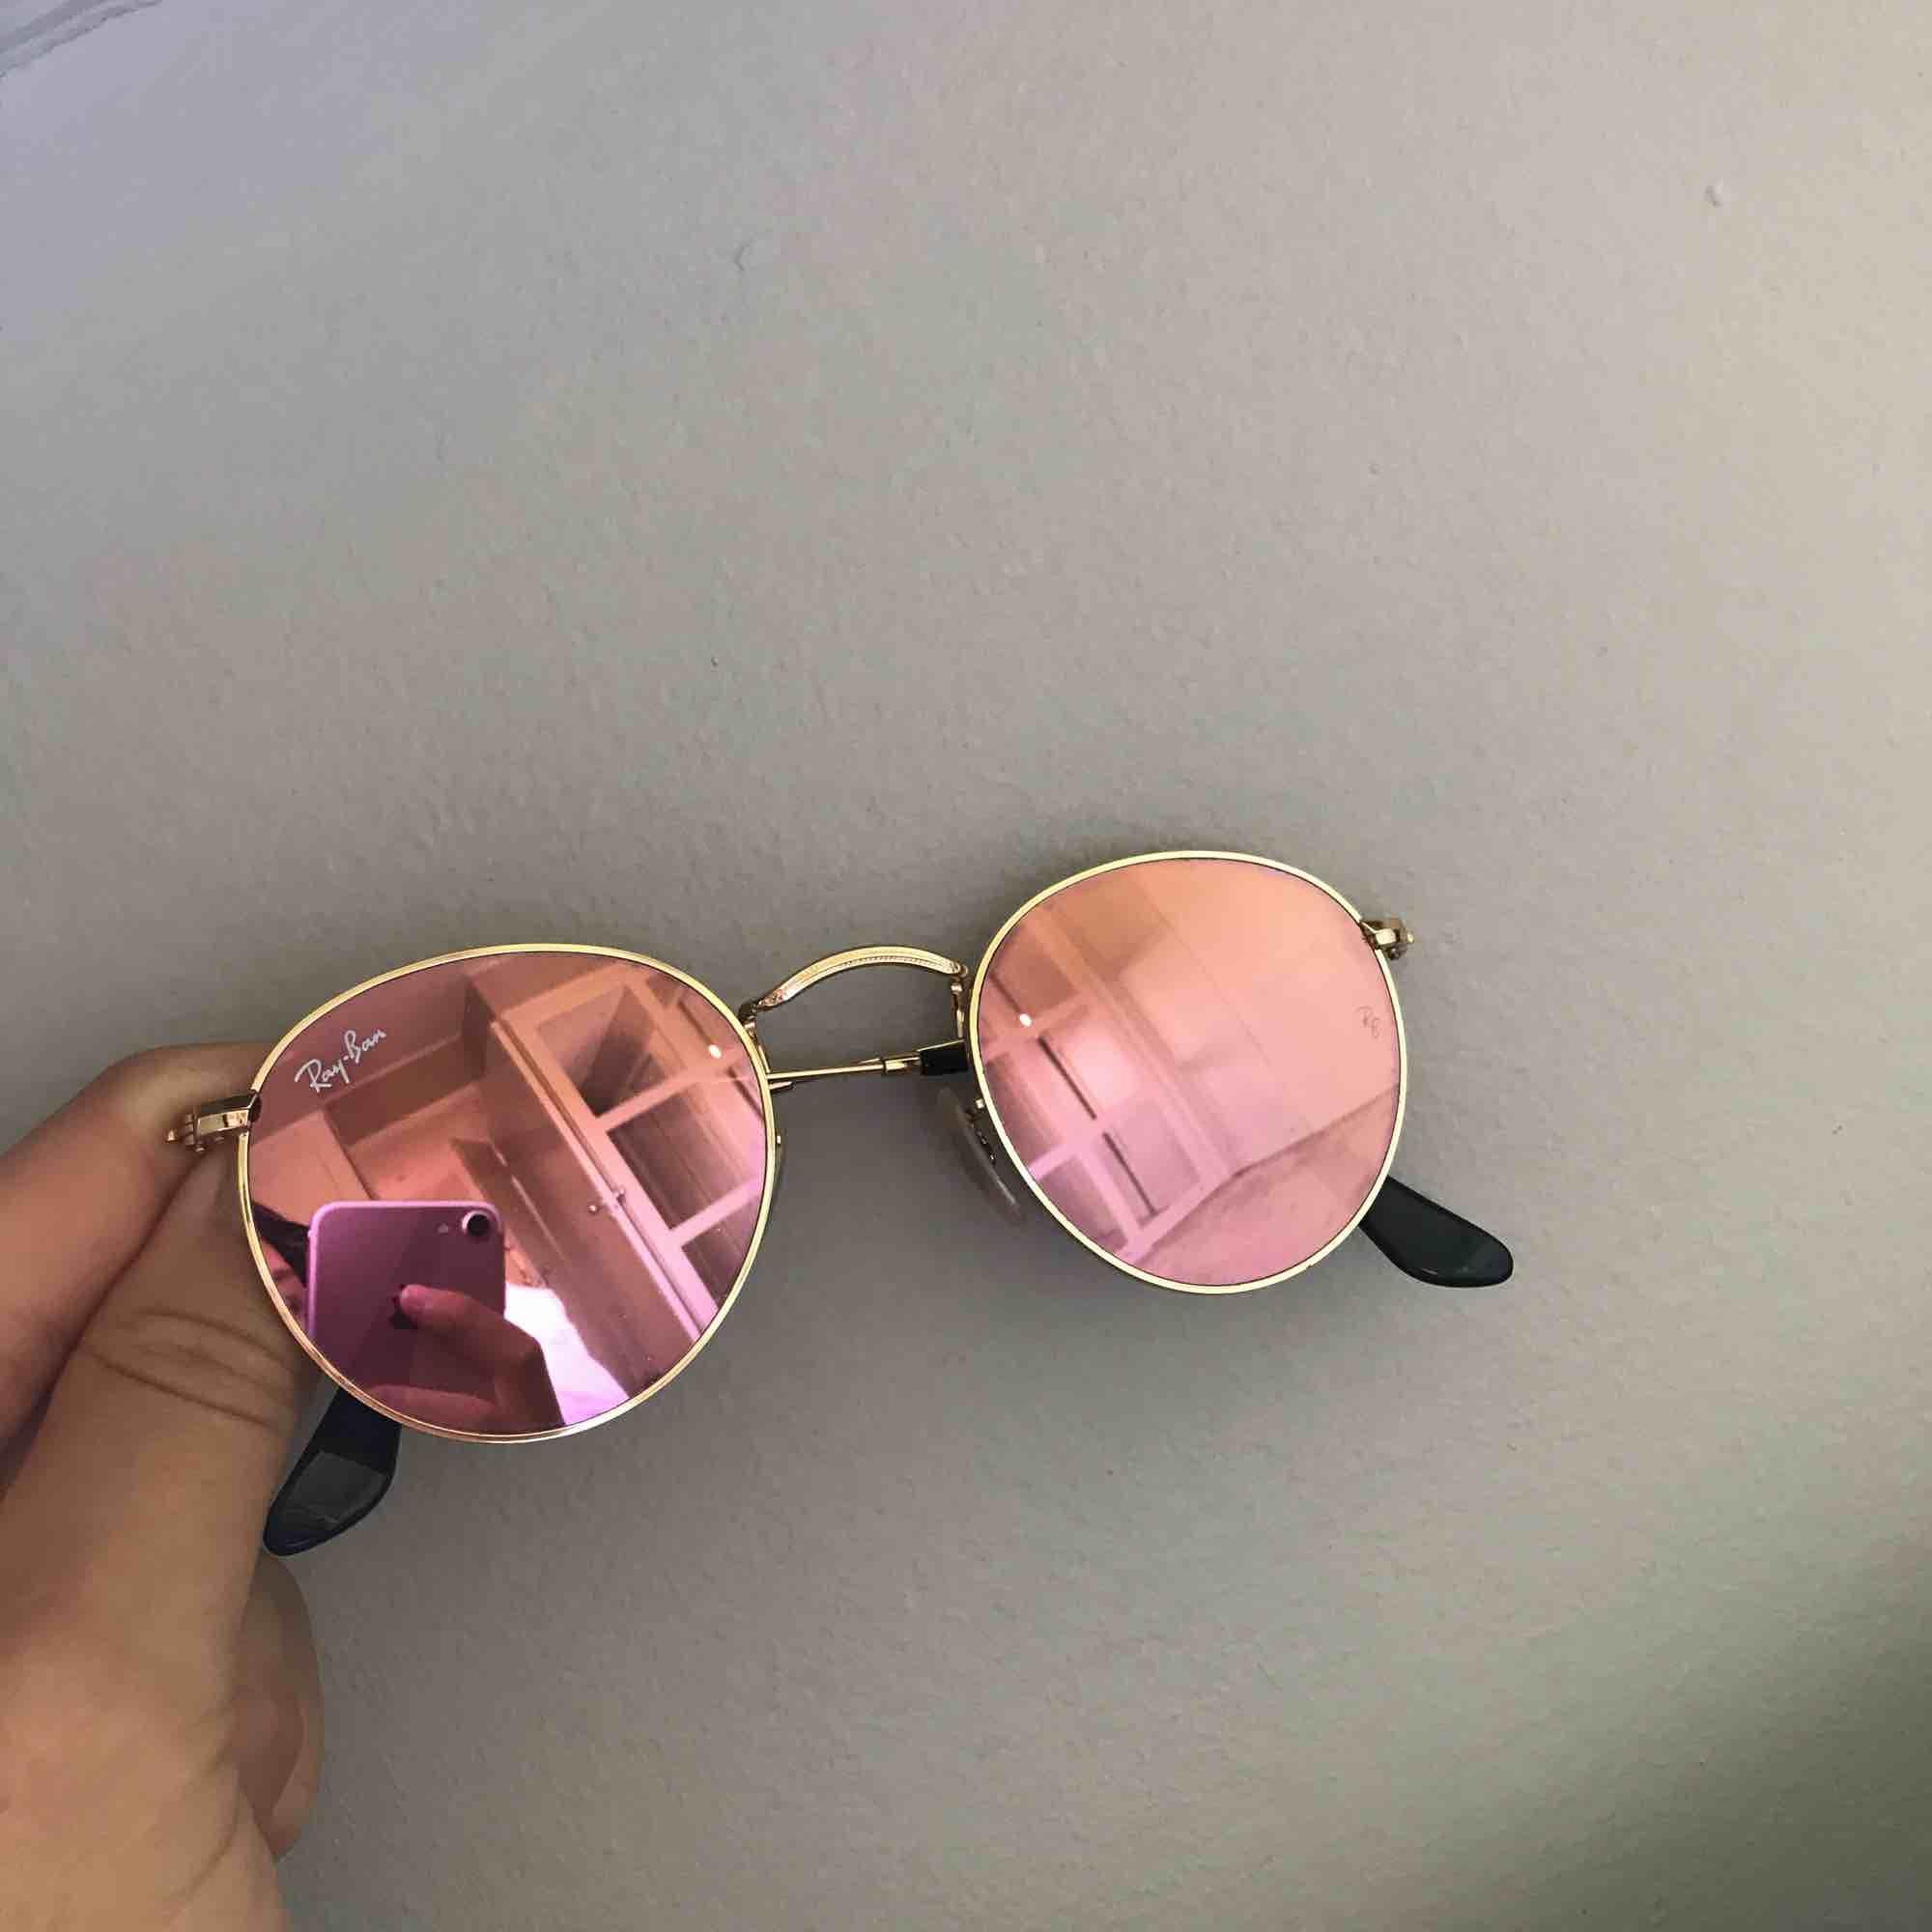 Runda rosa och självklart äkta Raybans. Har inte alls använt dem mycket och därför är de fortfarande i superbra skick! Inga repor, bågarna är hårt åtsittande. Ordinarie pris var 1750kr och säljs endast för 700kr trots att de ser ut som nya. . Accessoarer.